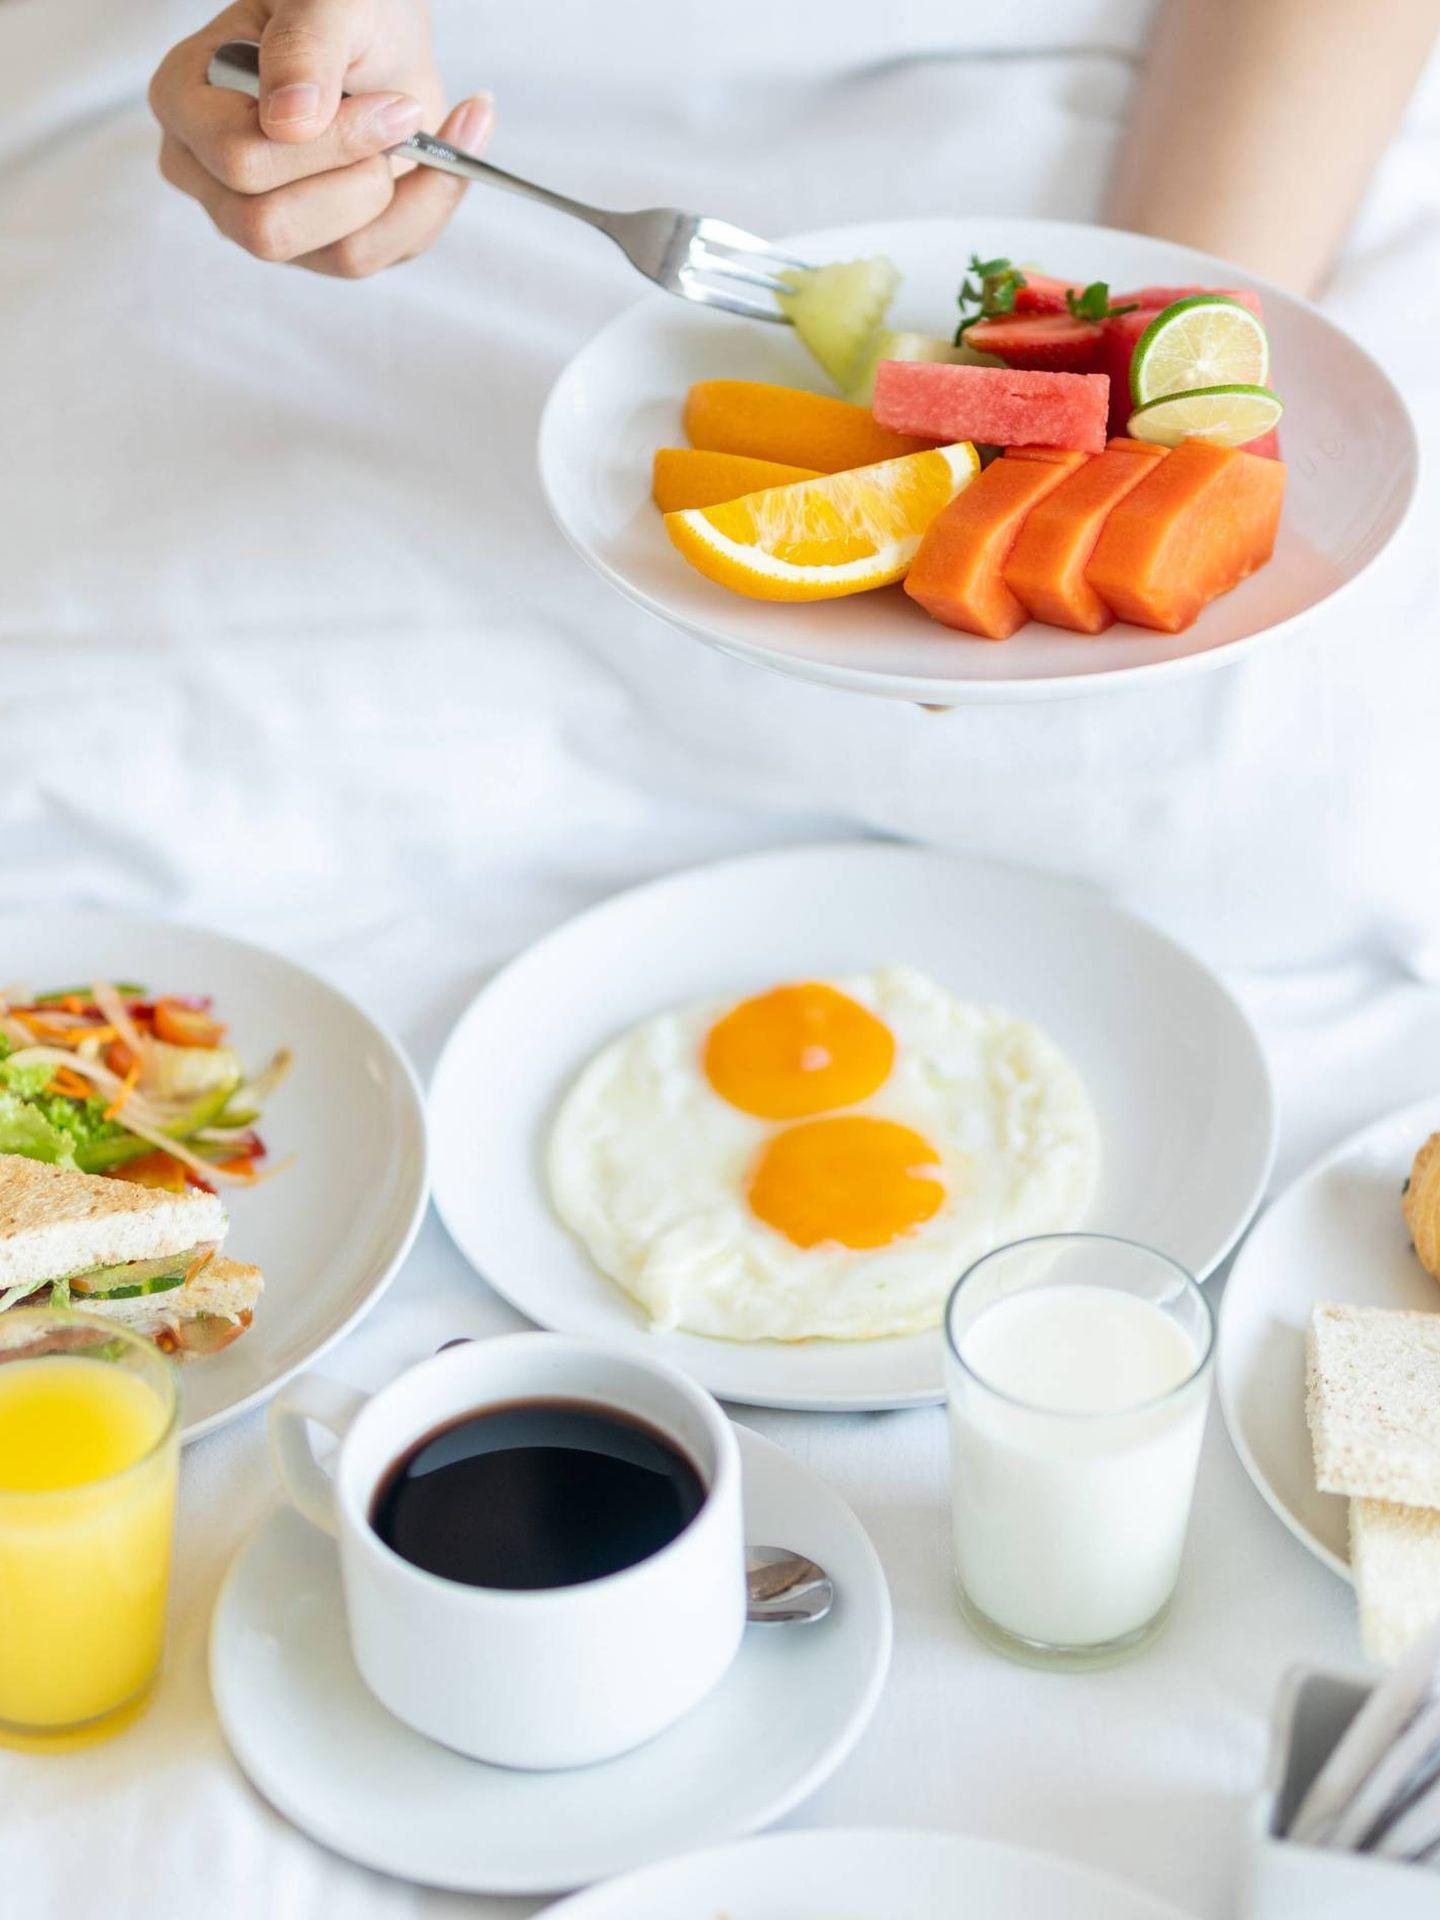 Desayunos saludables para empezar el día con energía. (Febrian Zakaria para Unsplash)